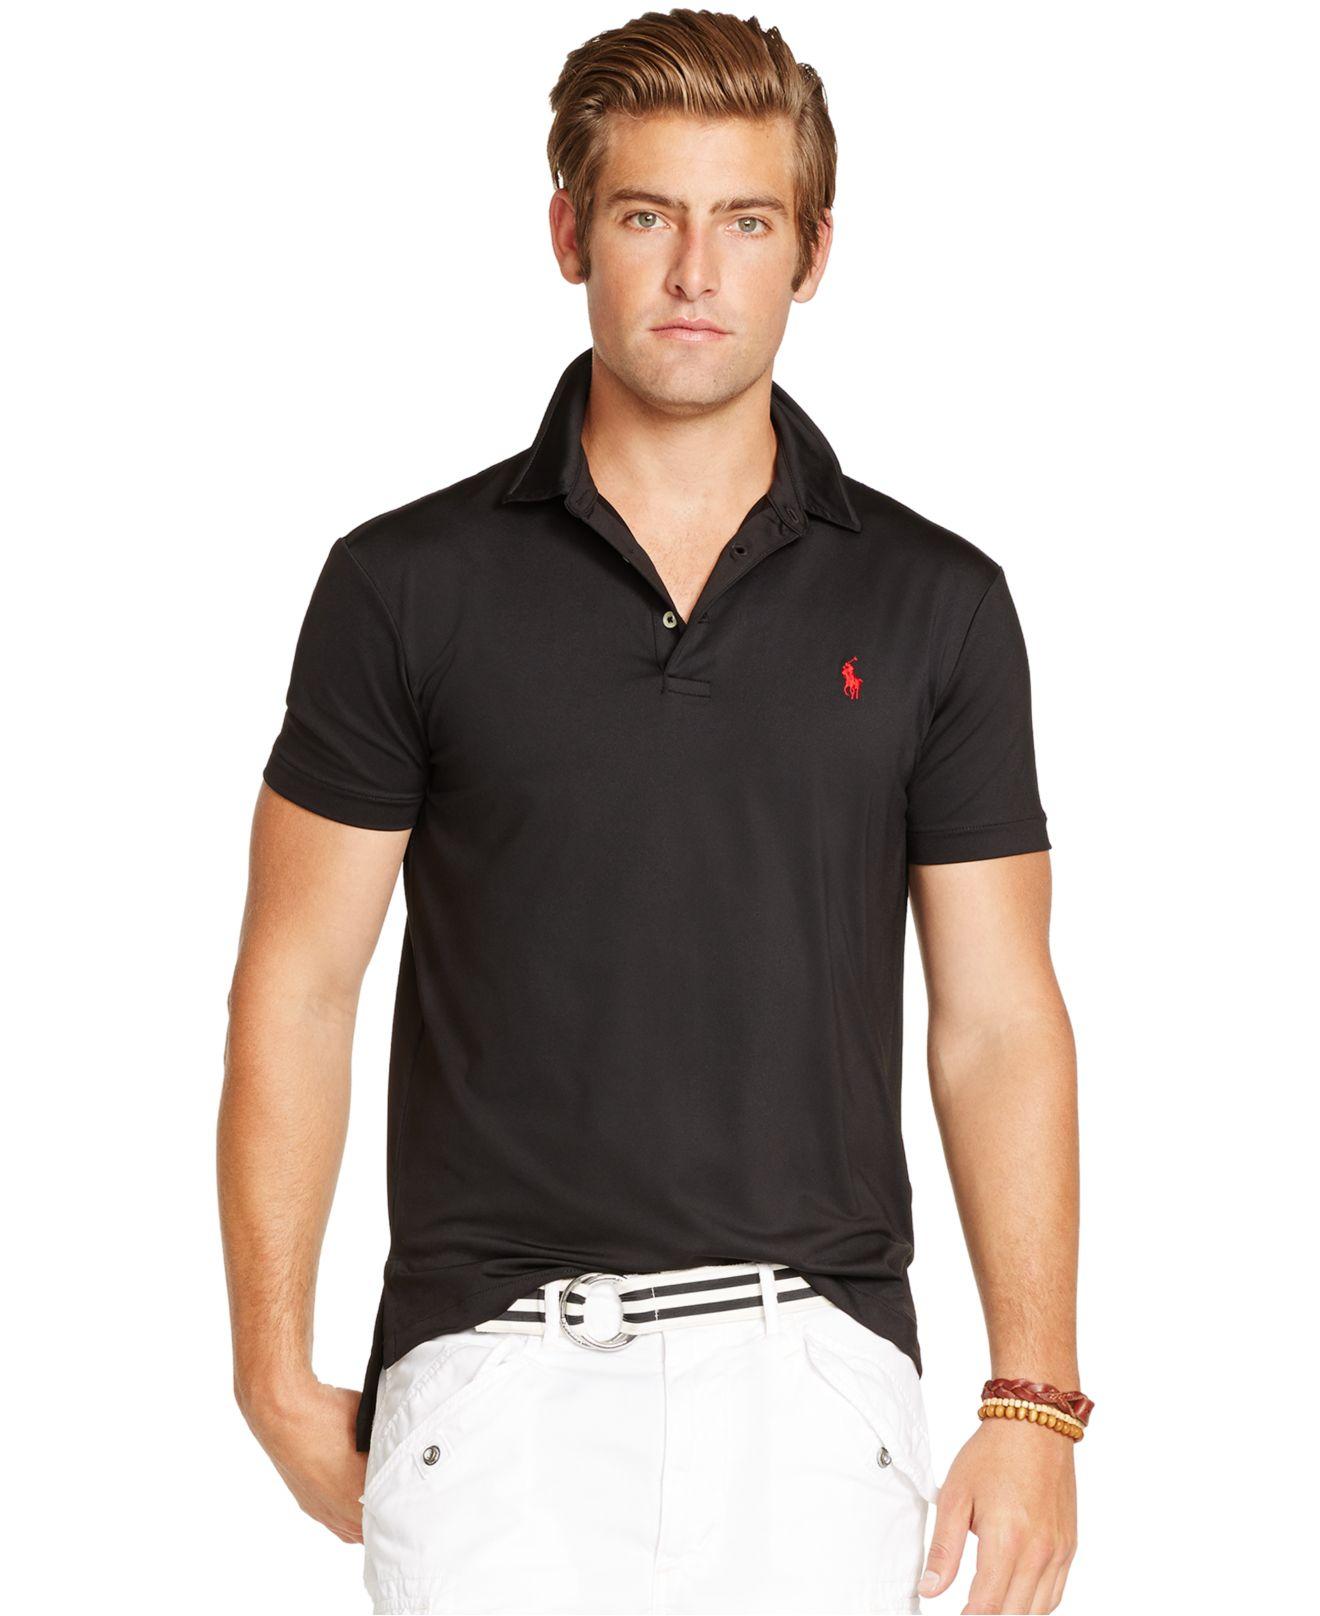 Polo Ralph Lauren Lisle Performance Polo In Black For Men